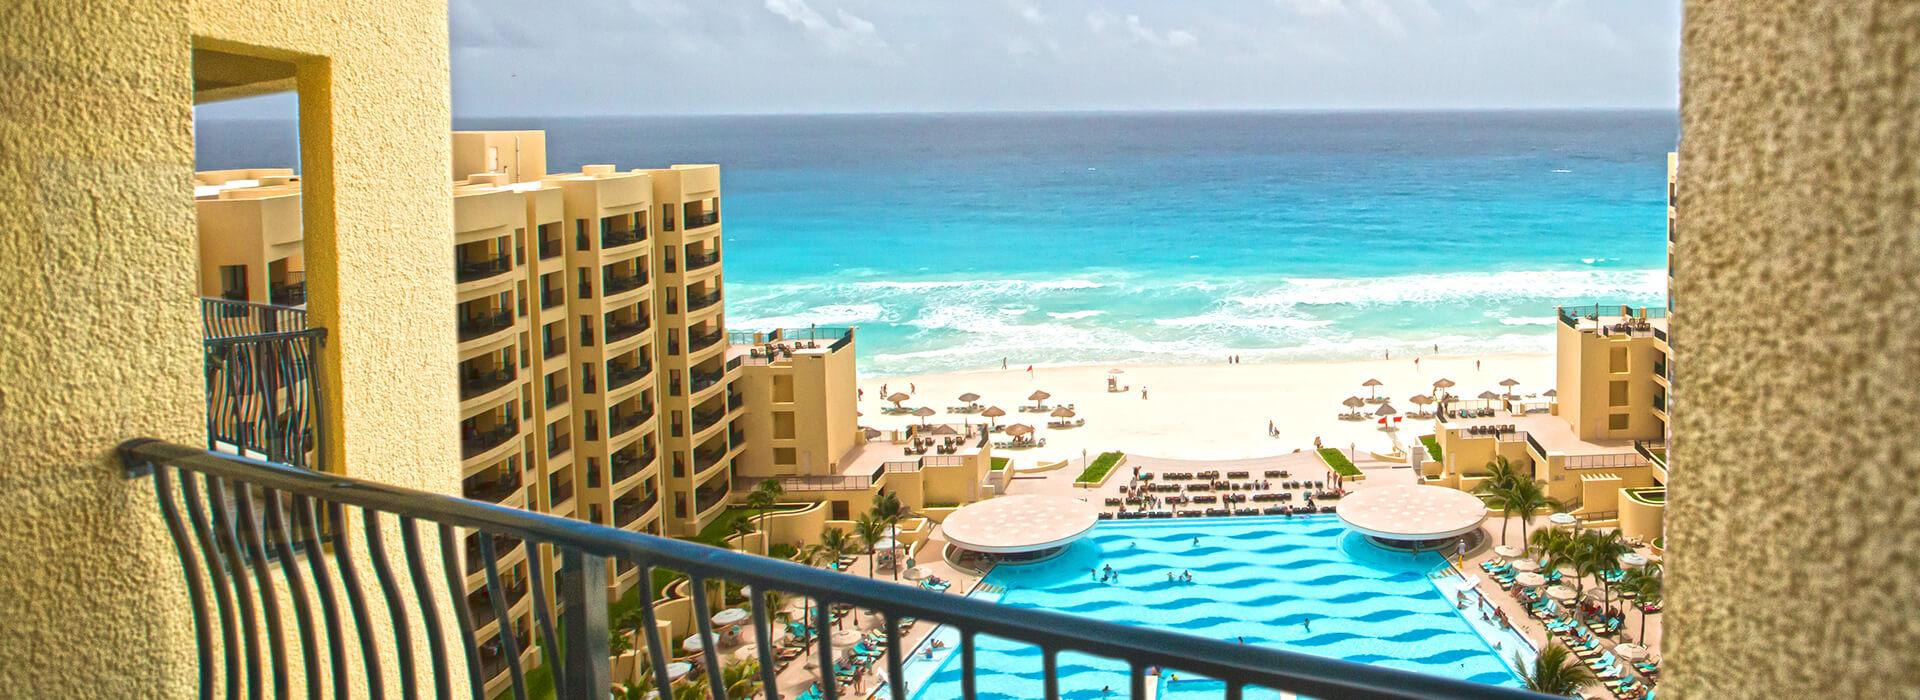 Junior suite con vista al mar y balcón privado donde disfrutarás impresionantes vistas del Mar